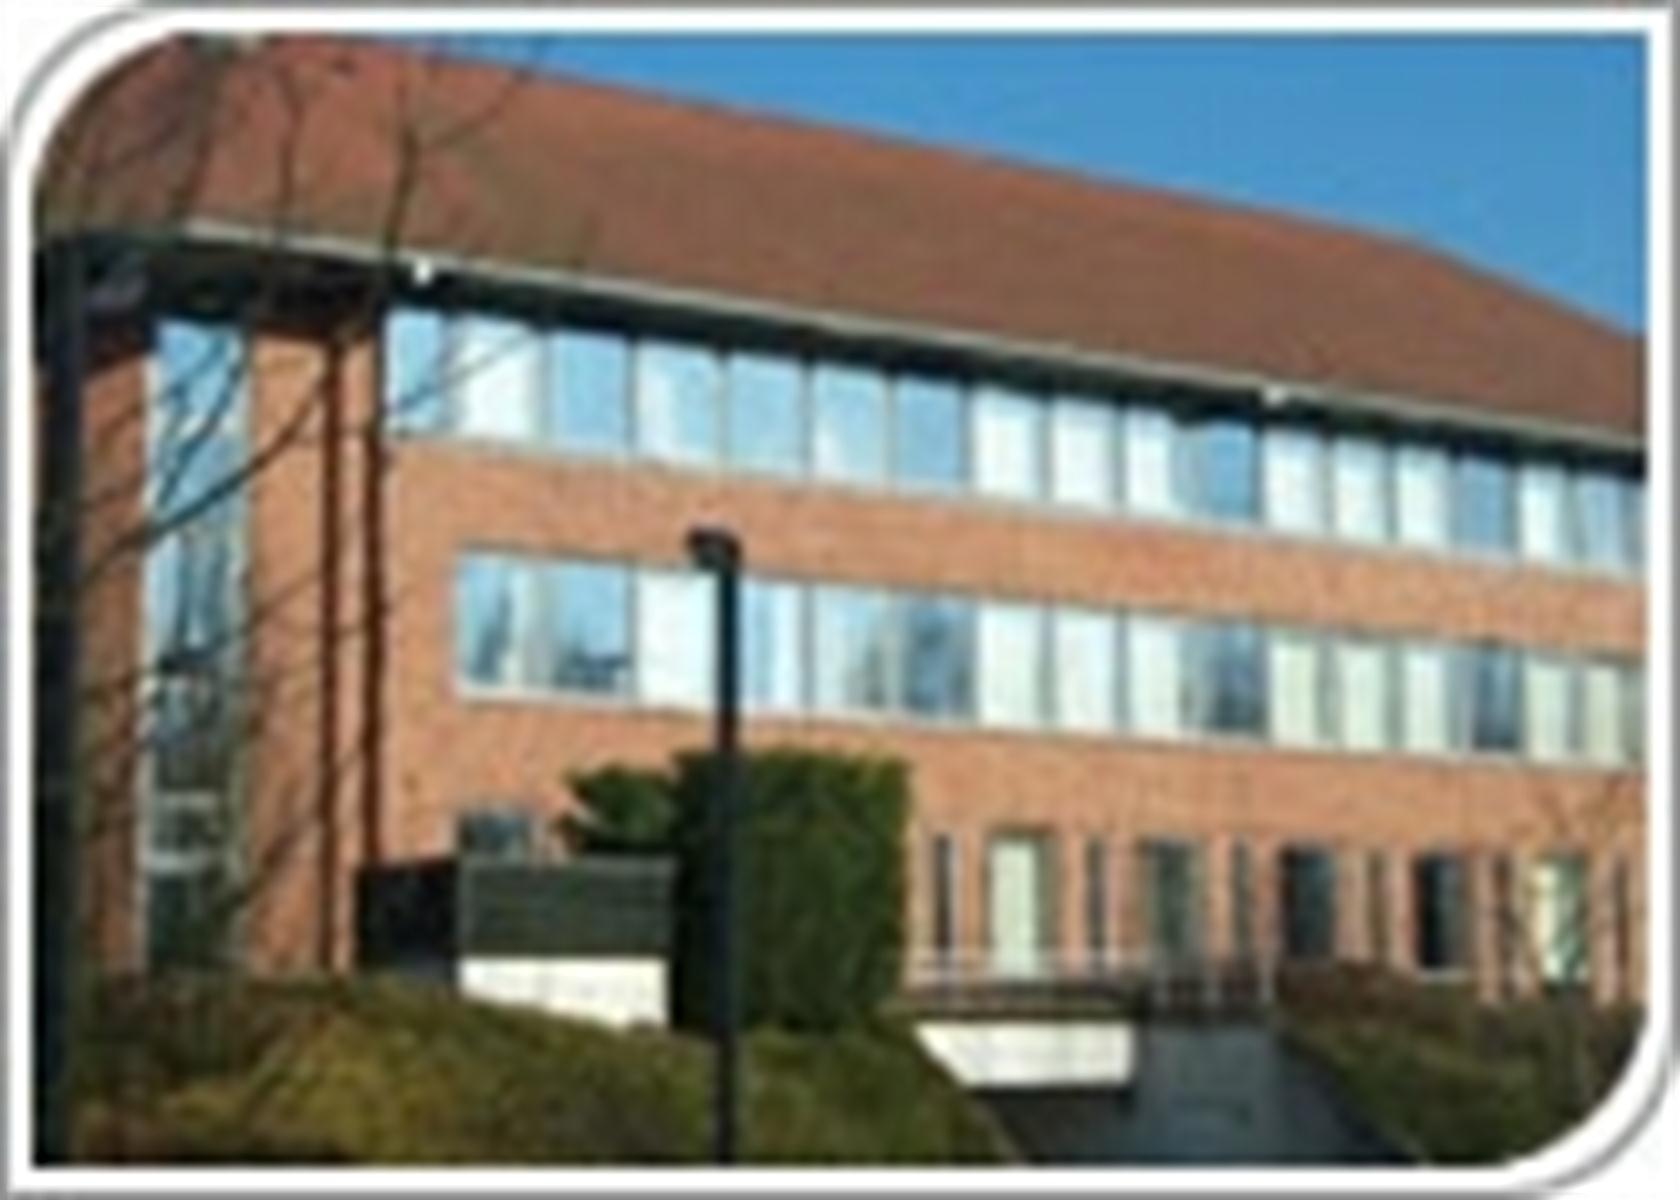 WATERLOO OFFICE PARK  - WATERLOO - #2974885-0